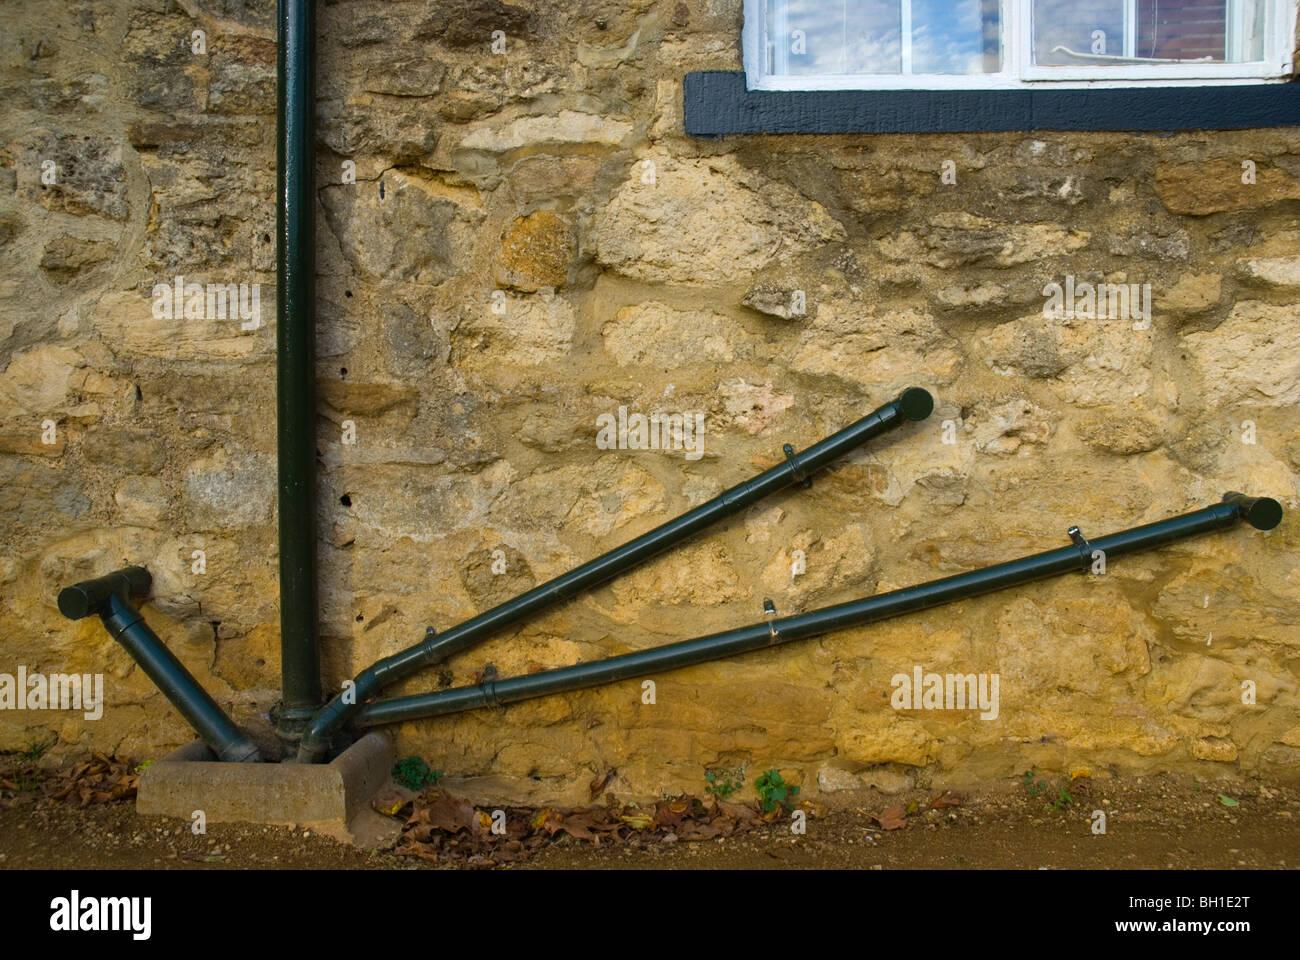 Outside plumbing Oxford England UK Europe - Stock Image